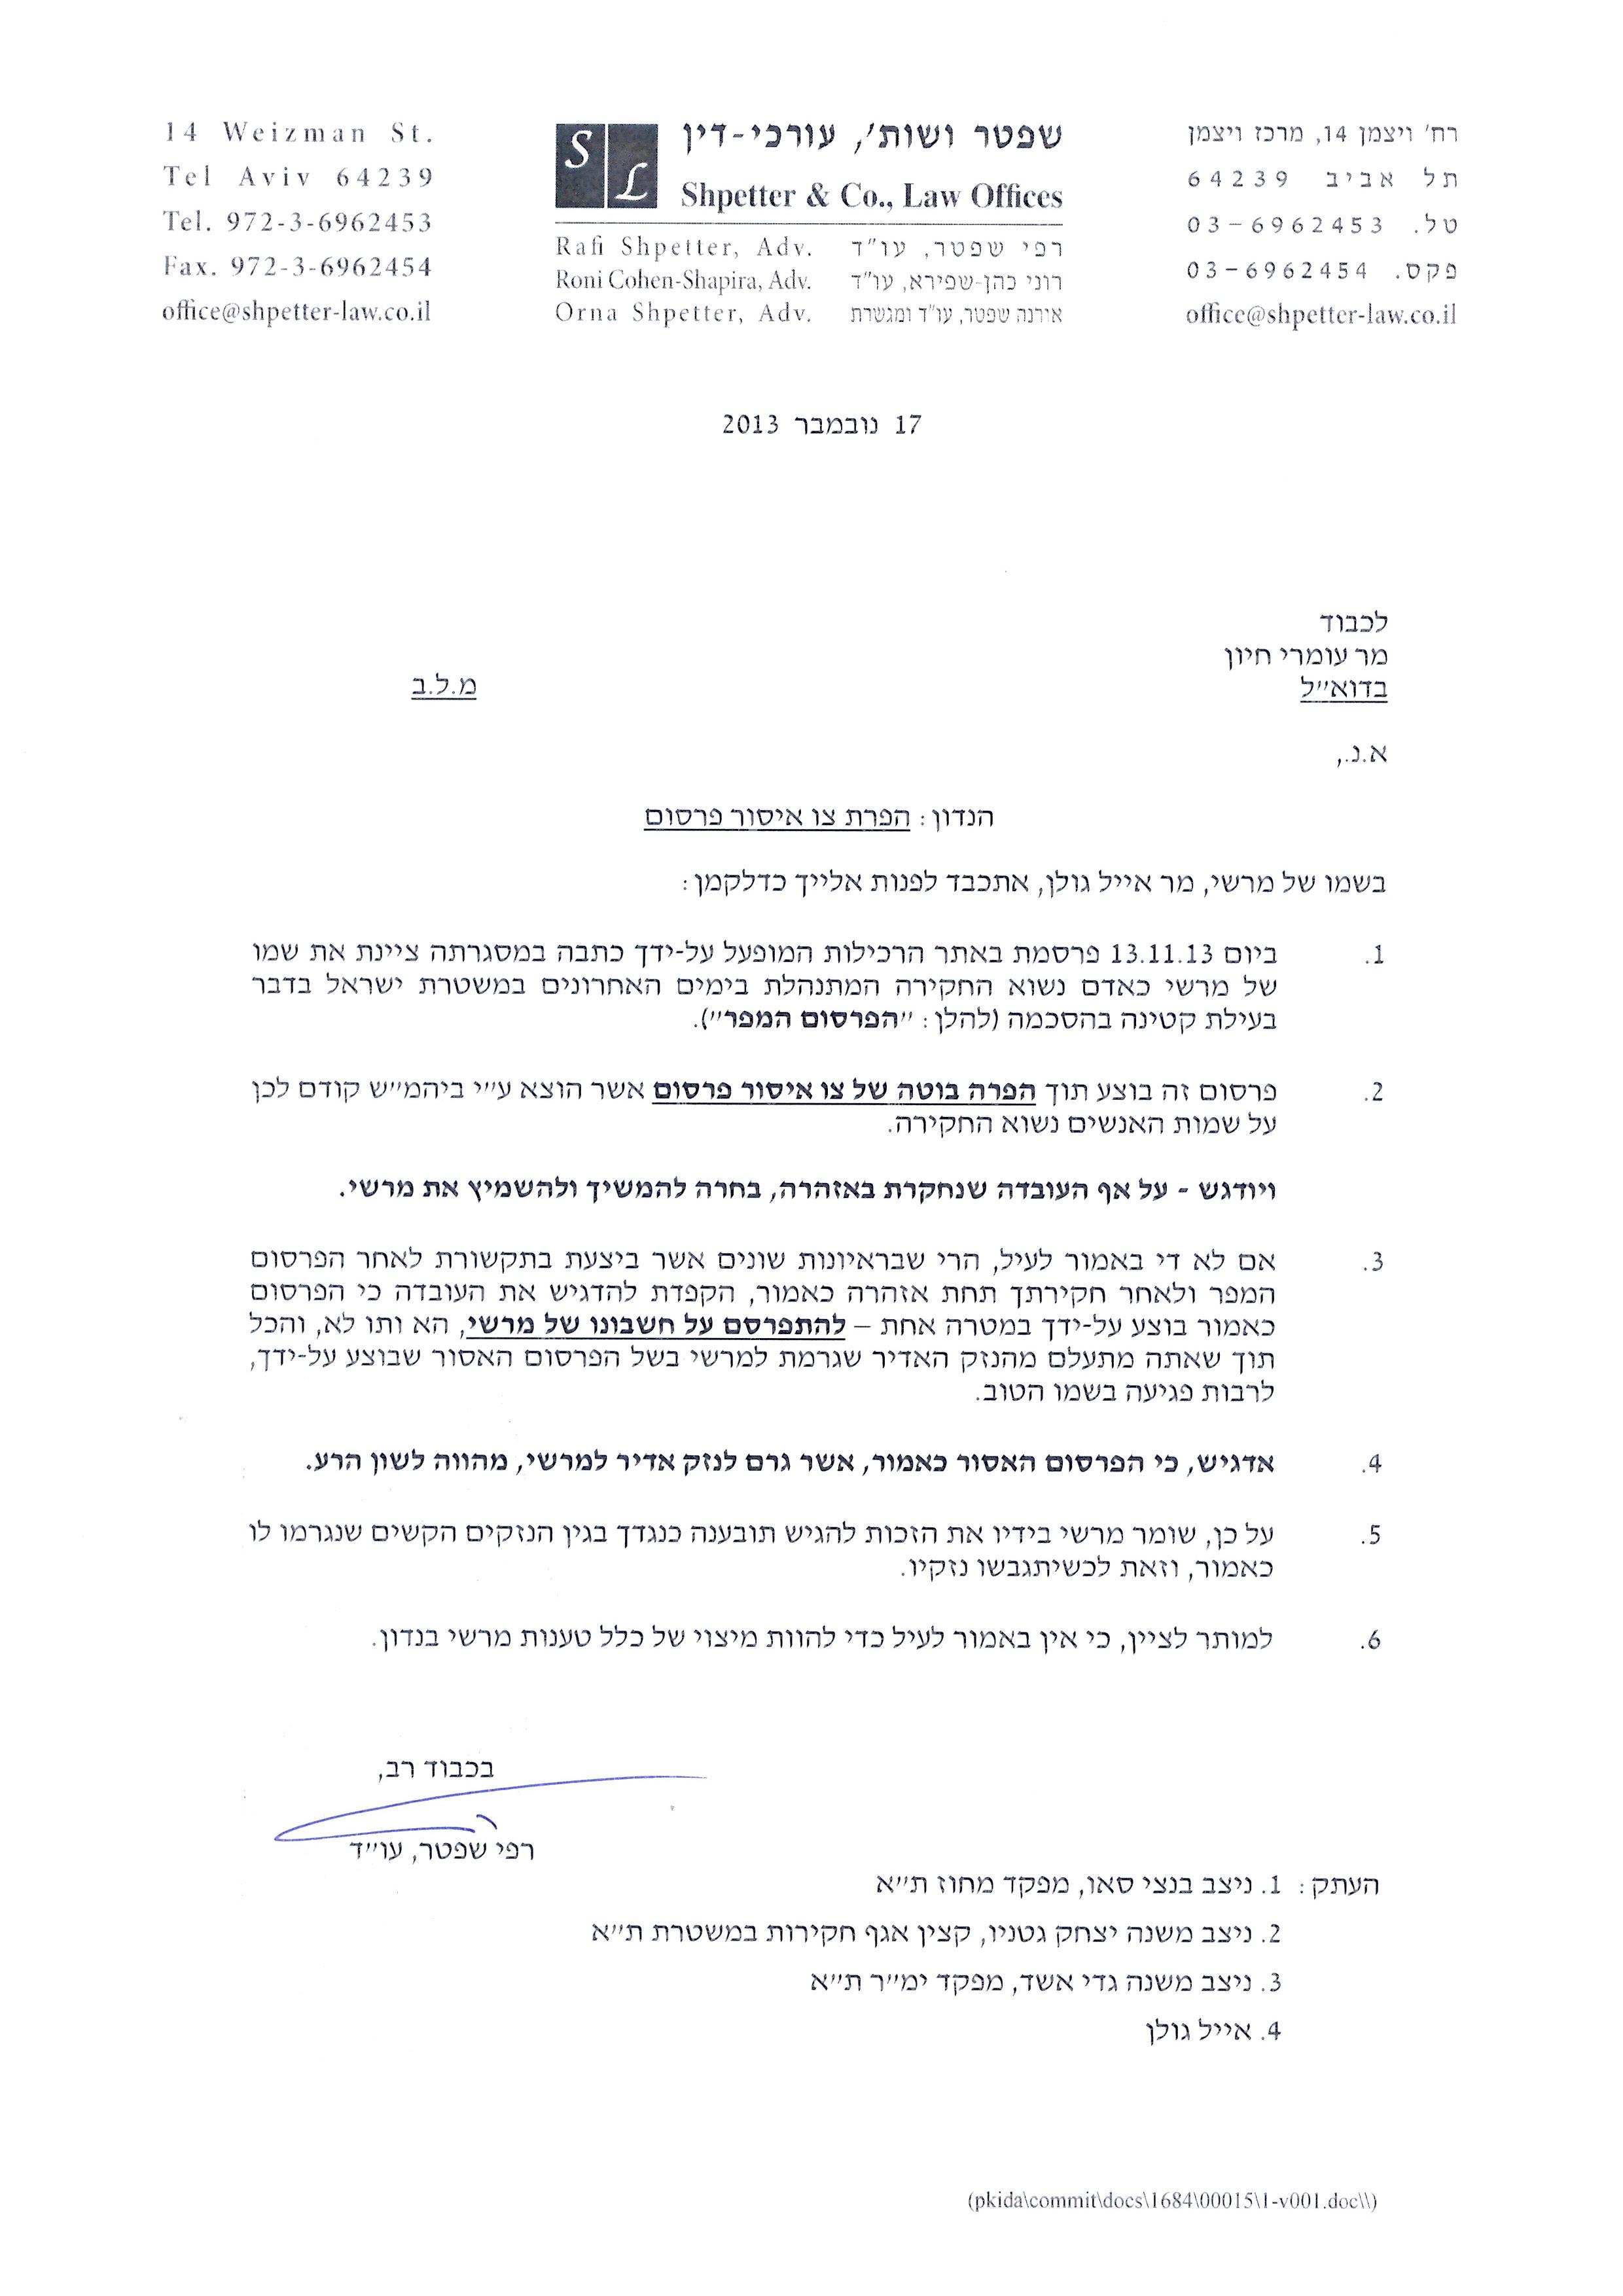 פרסום ראשון: עורכי דינו של הזמר אייל גולן במכתב לבלוגר עומרי חיון